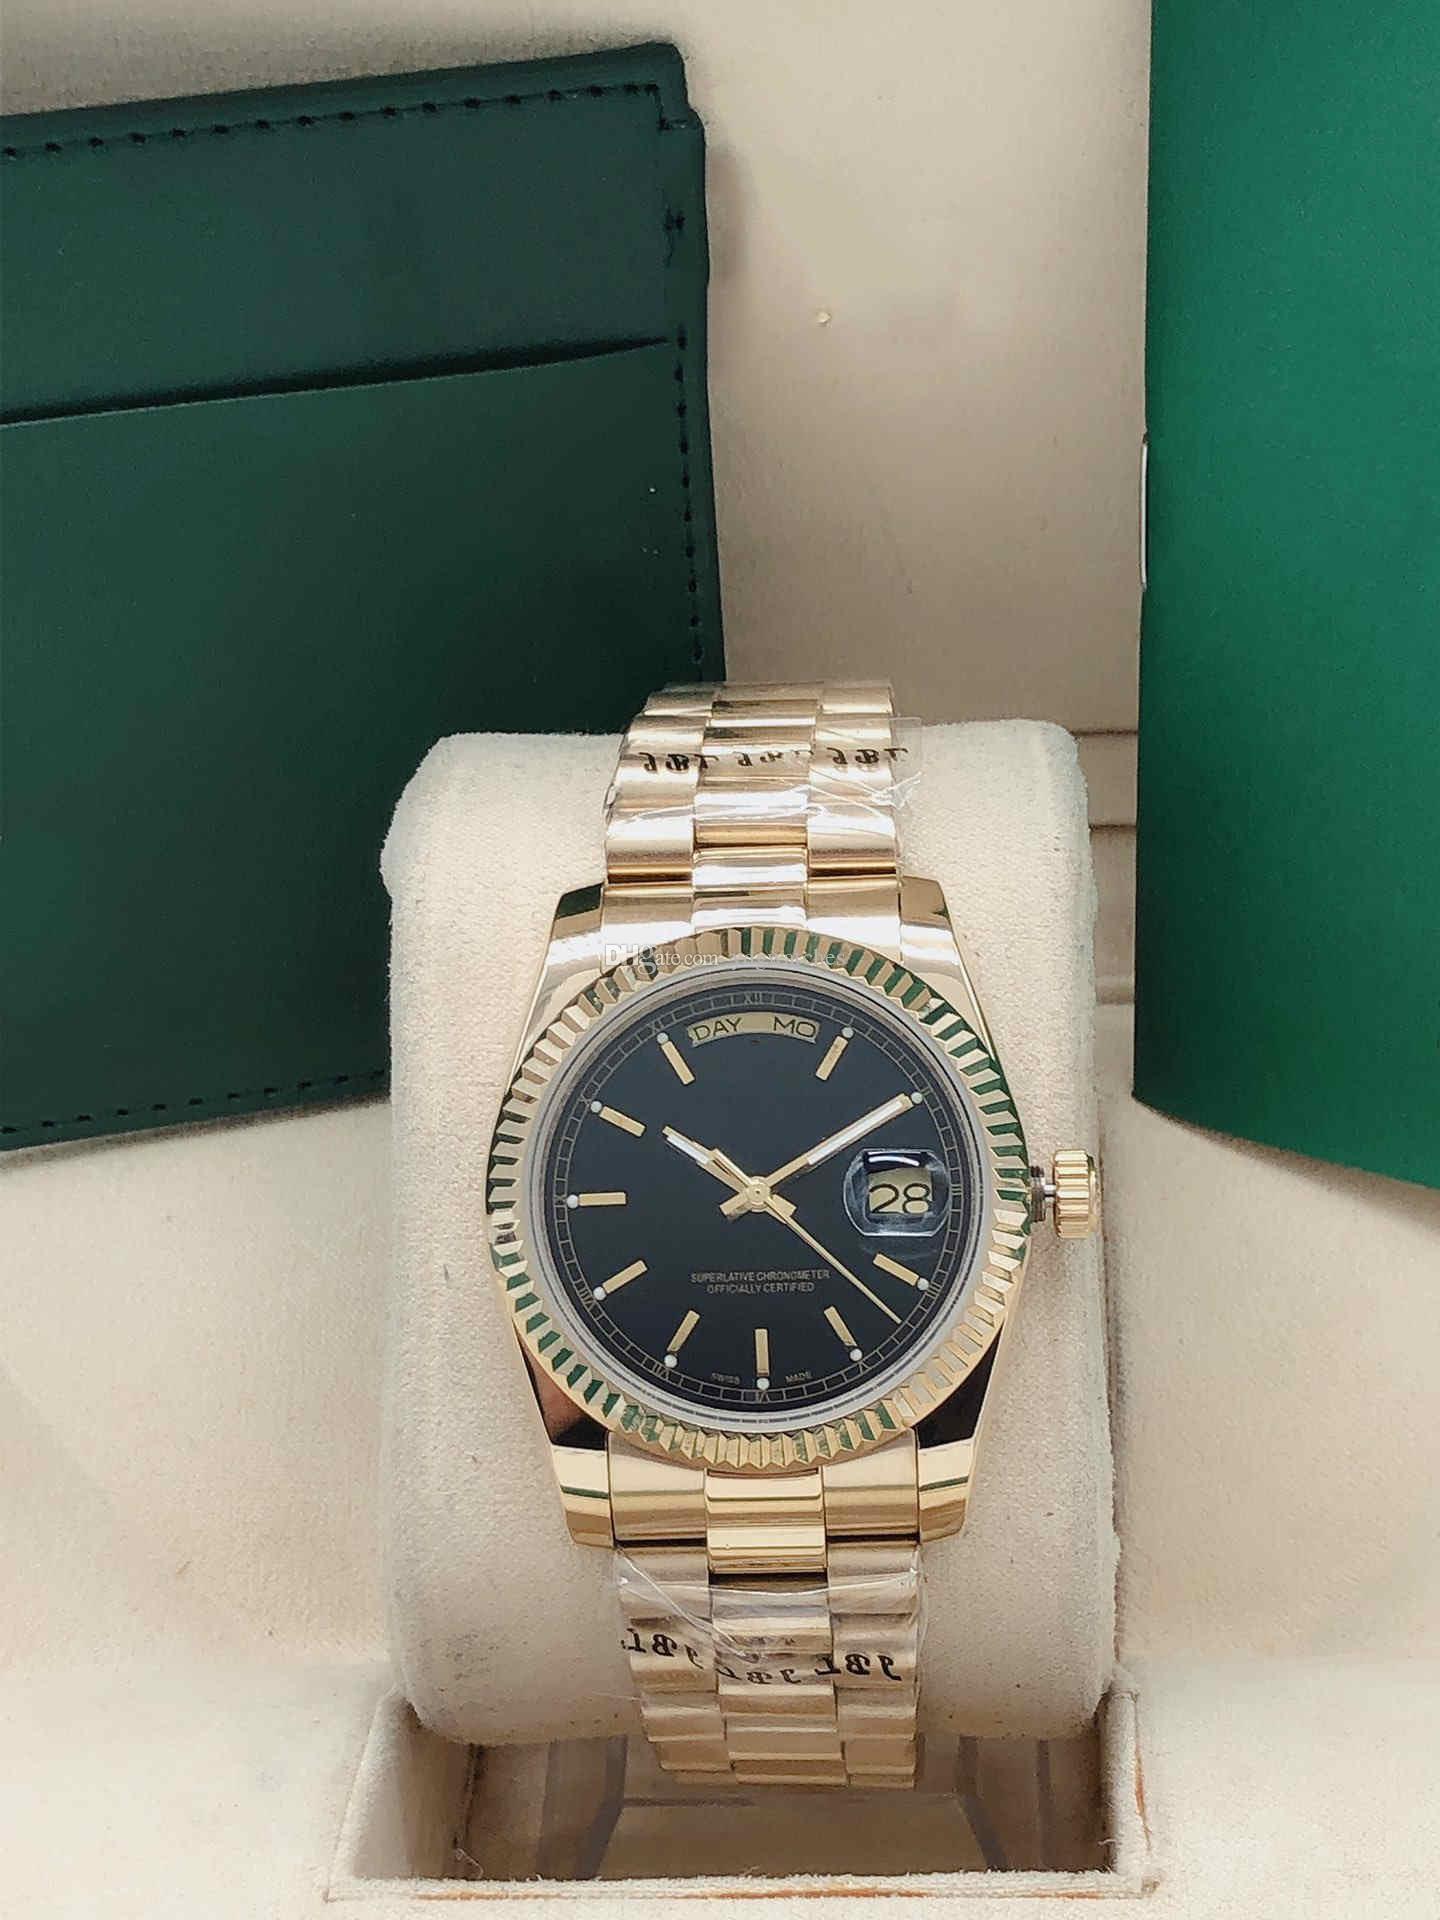 여성 시계 36mm 스테인레스 스틸 자동 기계식 시계 날짜 / 주 기능 방수 시계는 사파이어 미러를 갖추고 있습니다.